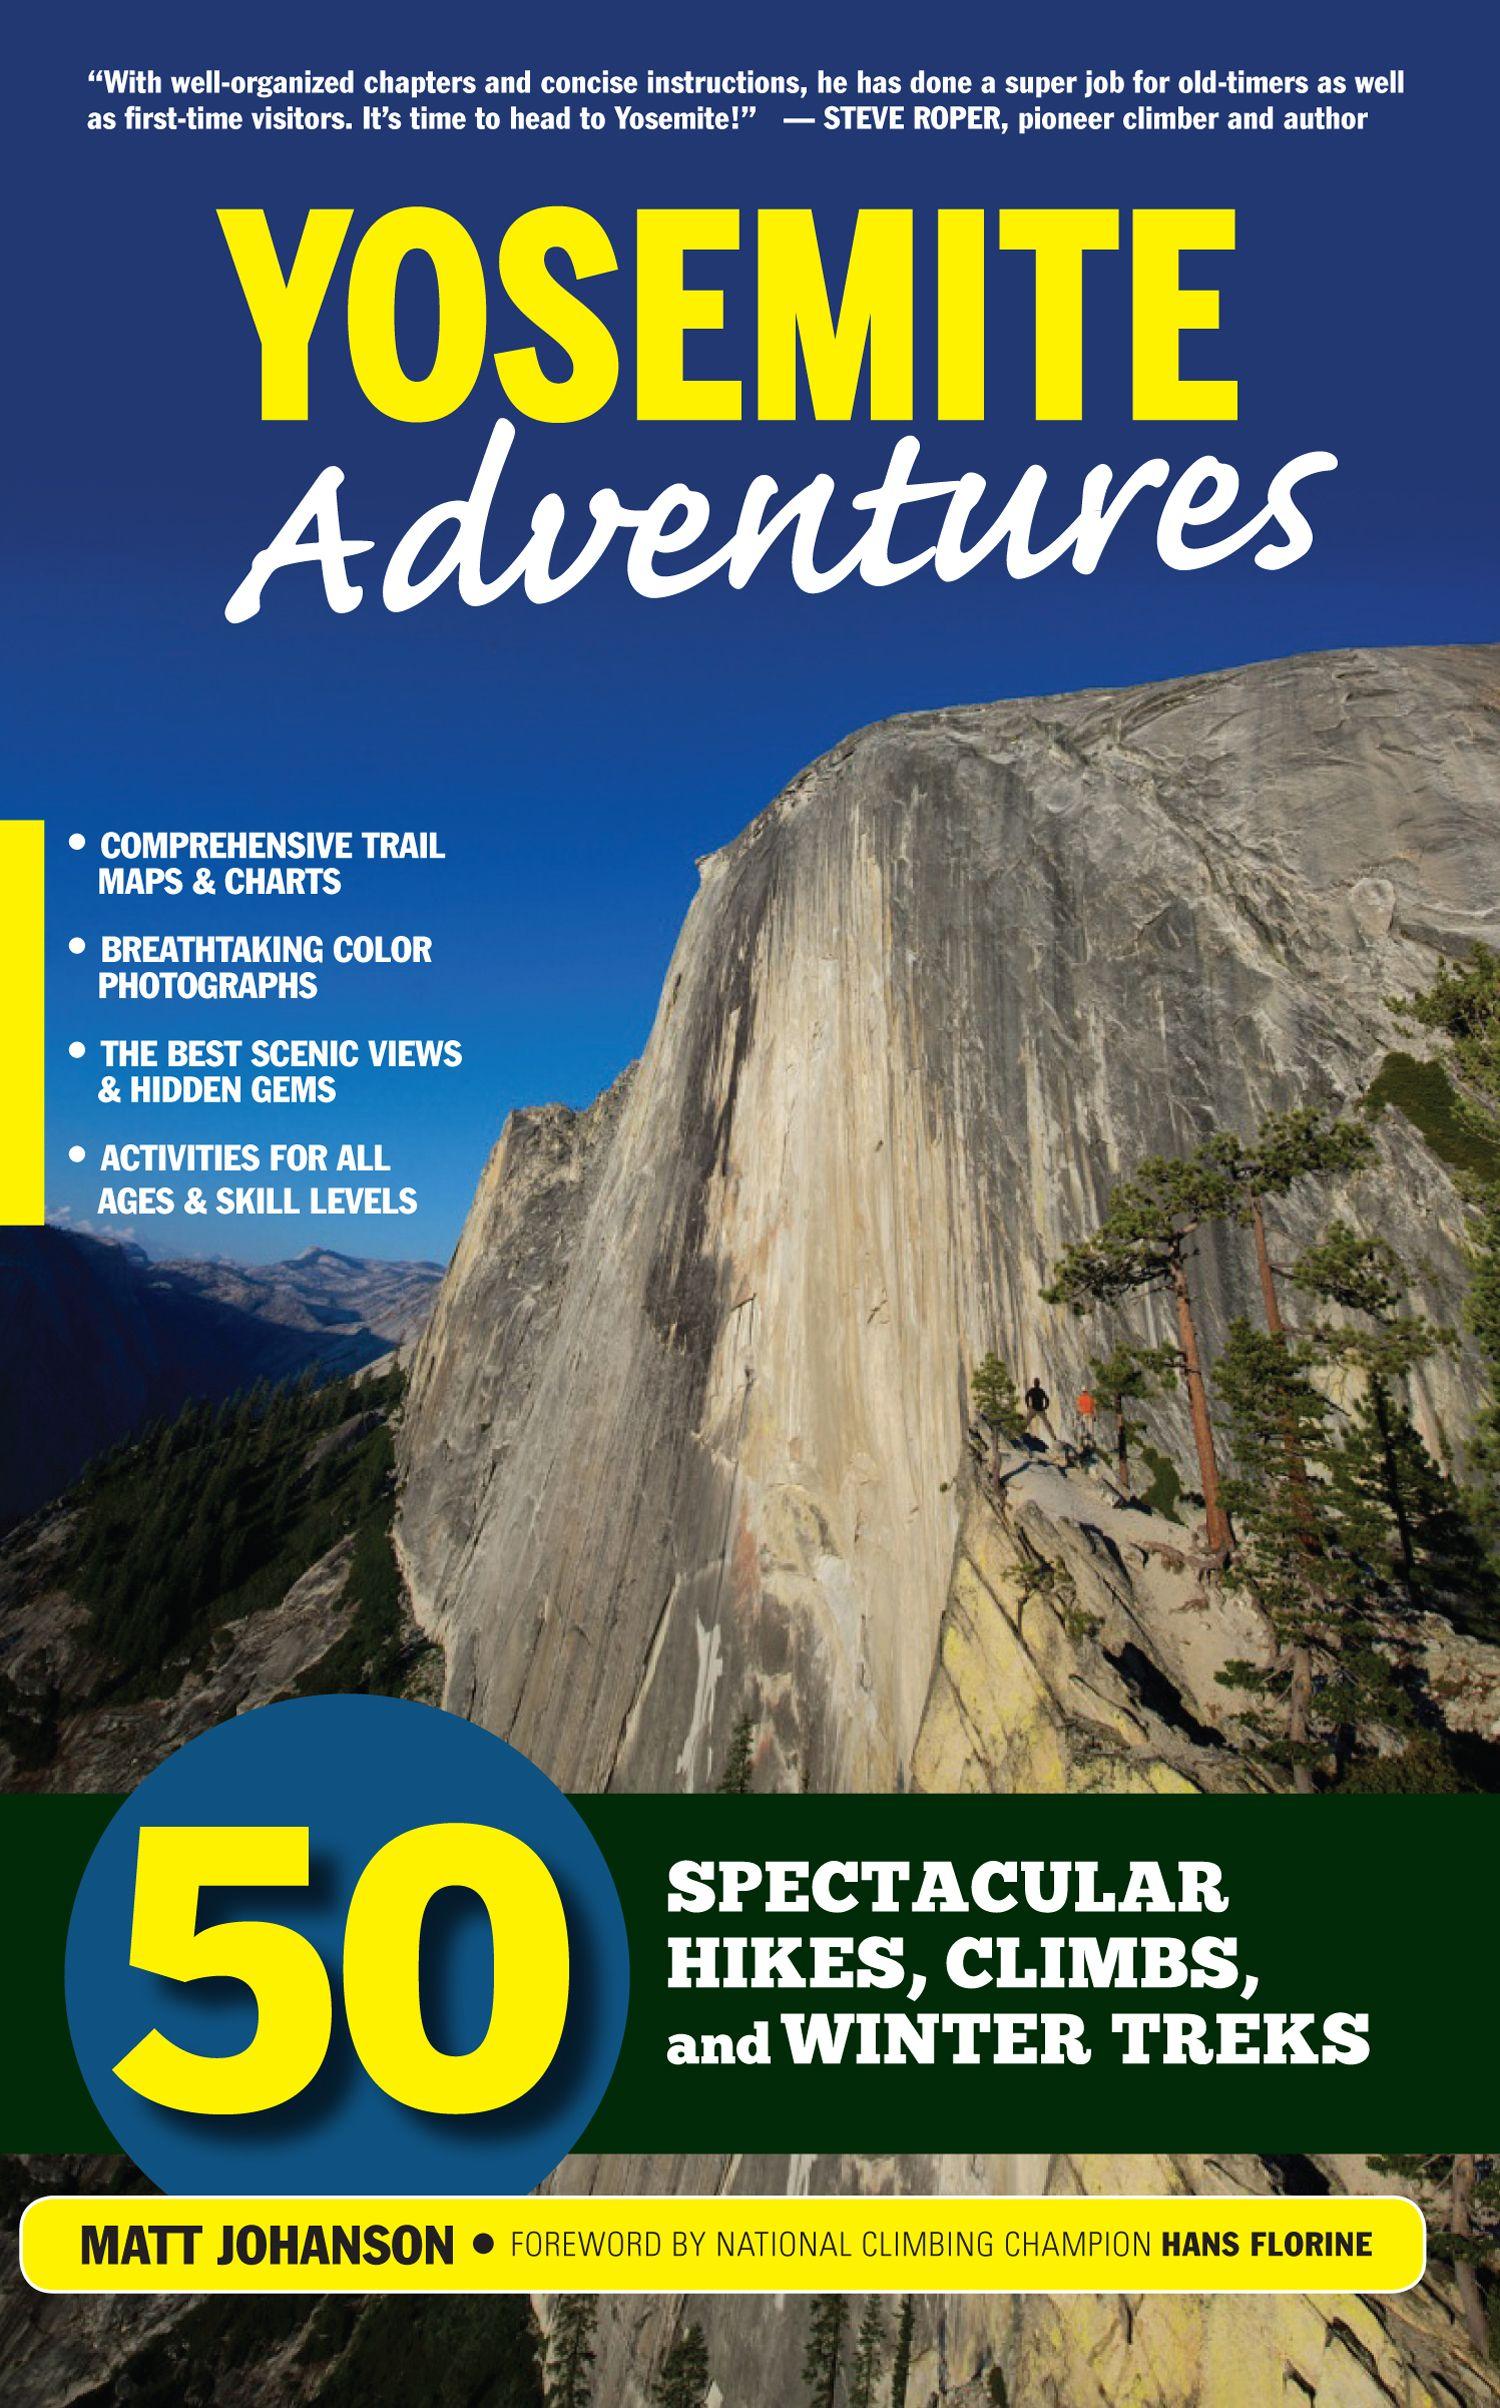 ASJ Contributor Matt Johanson Wins National Outdoors Book